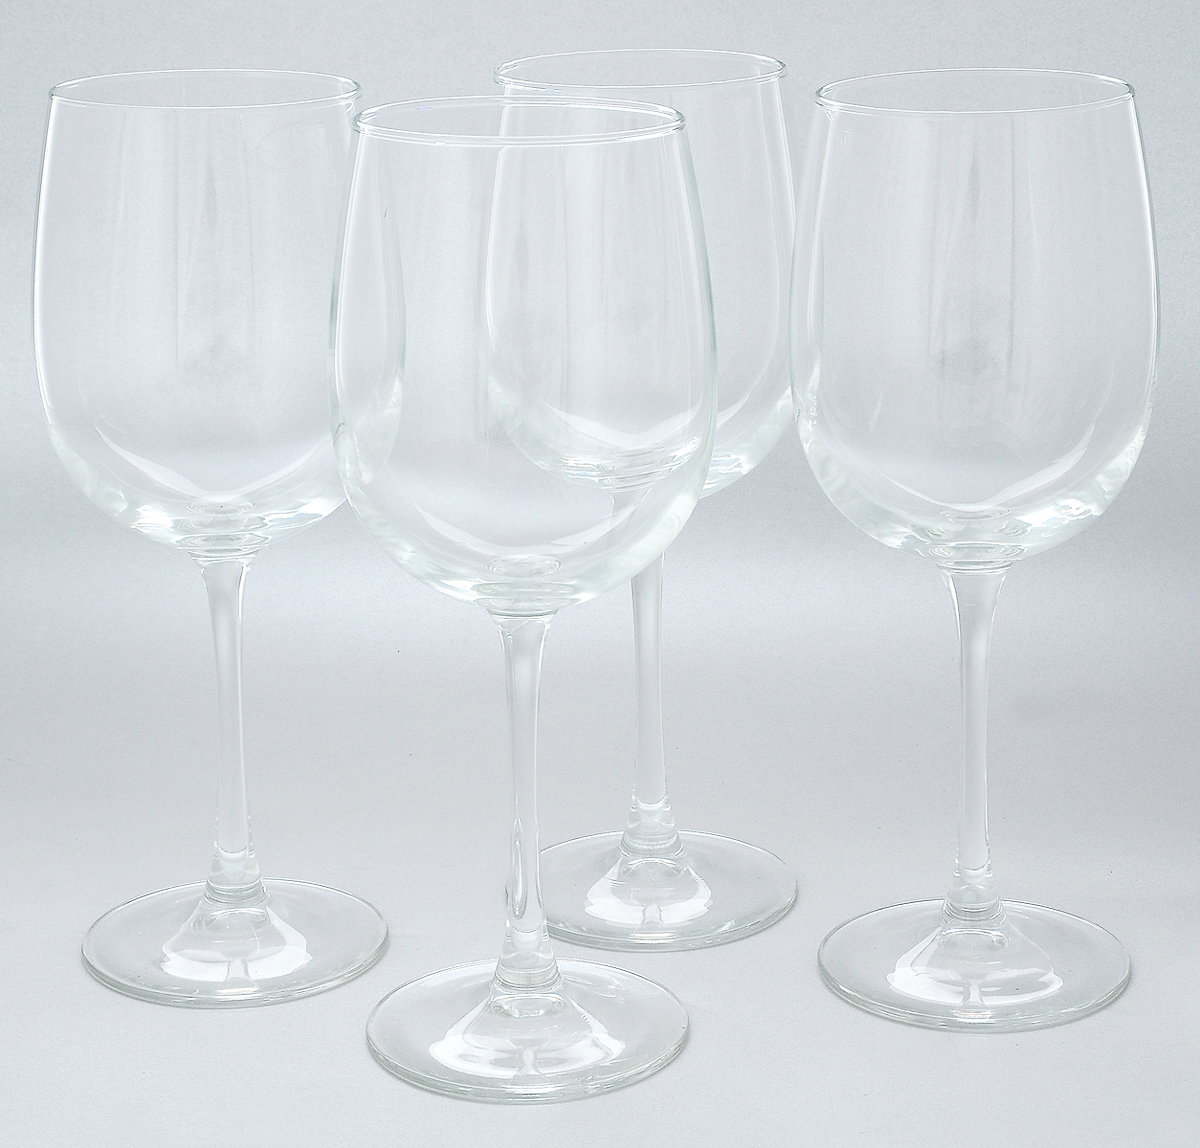 Набор бокалов для вина Luminarc Аллегресс, 550 мл, 4 штVT-1520(SR)Набор Luminarc Аллегресс состоит из четырех бокалов, выполненных из прочного натрий-кальций-силикатного стекла. Изделия оснащены высокими ножками и предназначены для подачи вина. Они сочетают в себе элегантный дизайн и функциональность. Набор бокалов Luminarc Аллегресс прекрасно оформит праздничный стол и создаст приятную атмосферу за романтическим ужином. Такой набор также станет хорошим подарком к любому случаю. Диаметр бокала (по верхнему краю): 7,5 см.Высота бокала: 23 см.